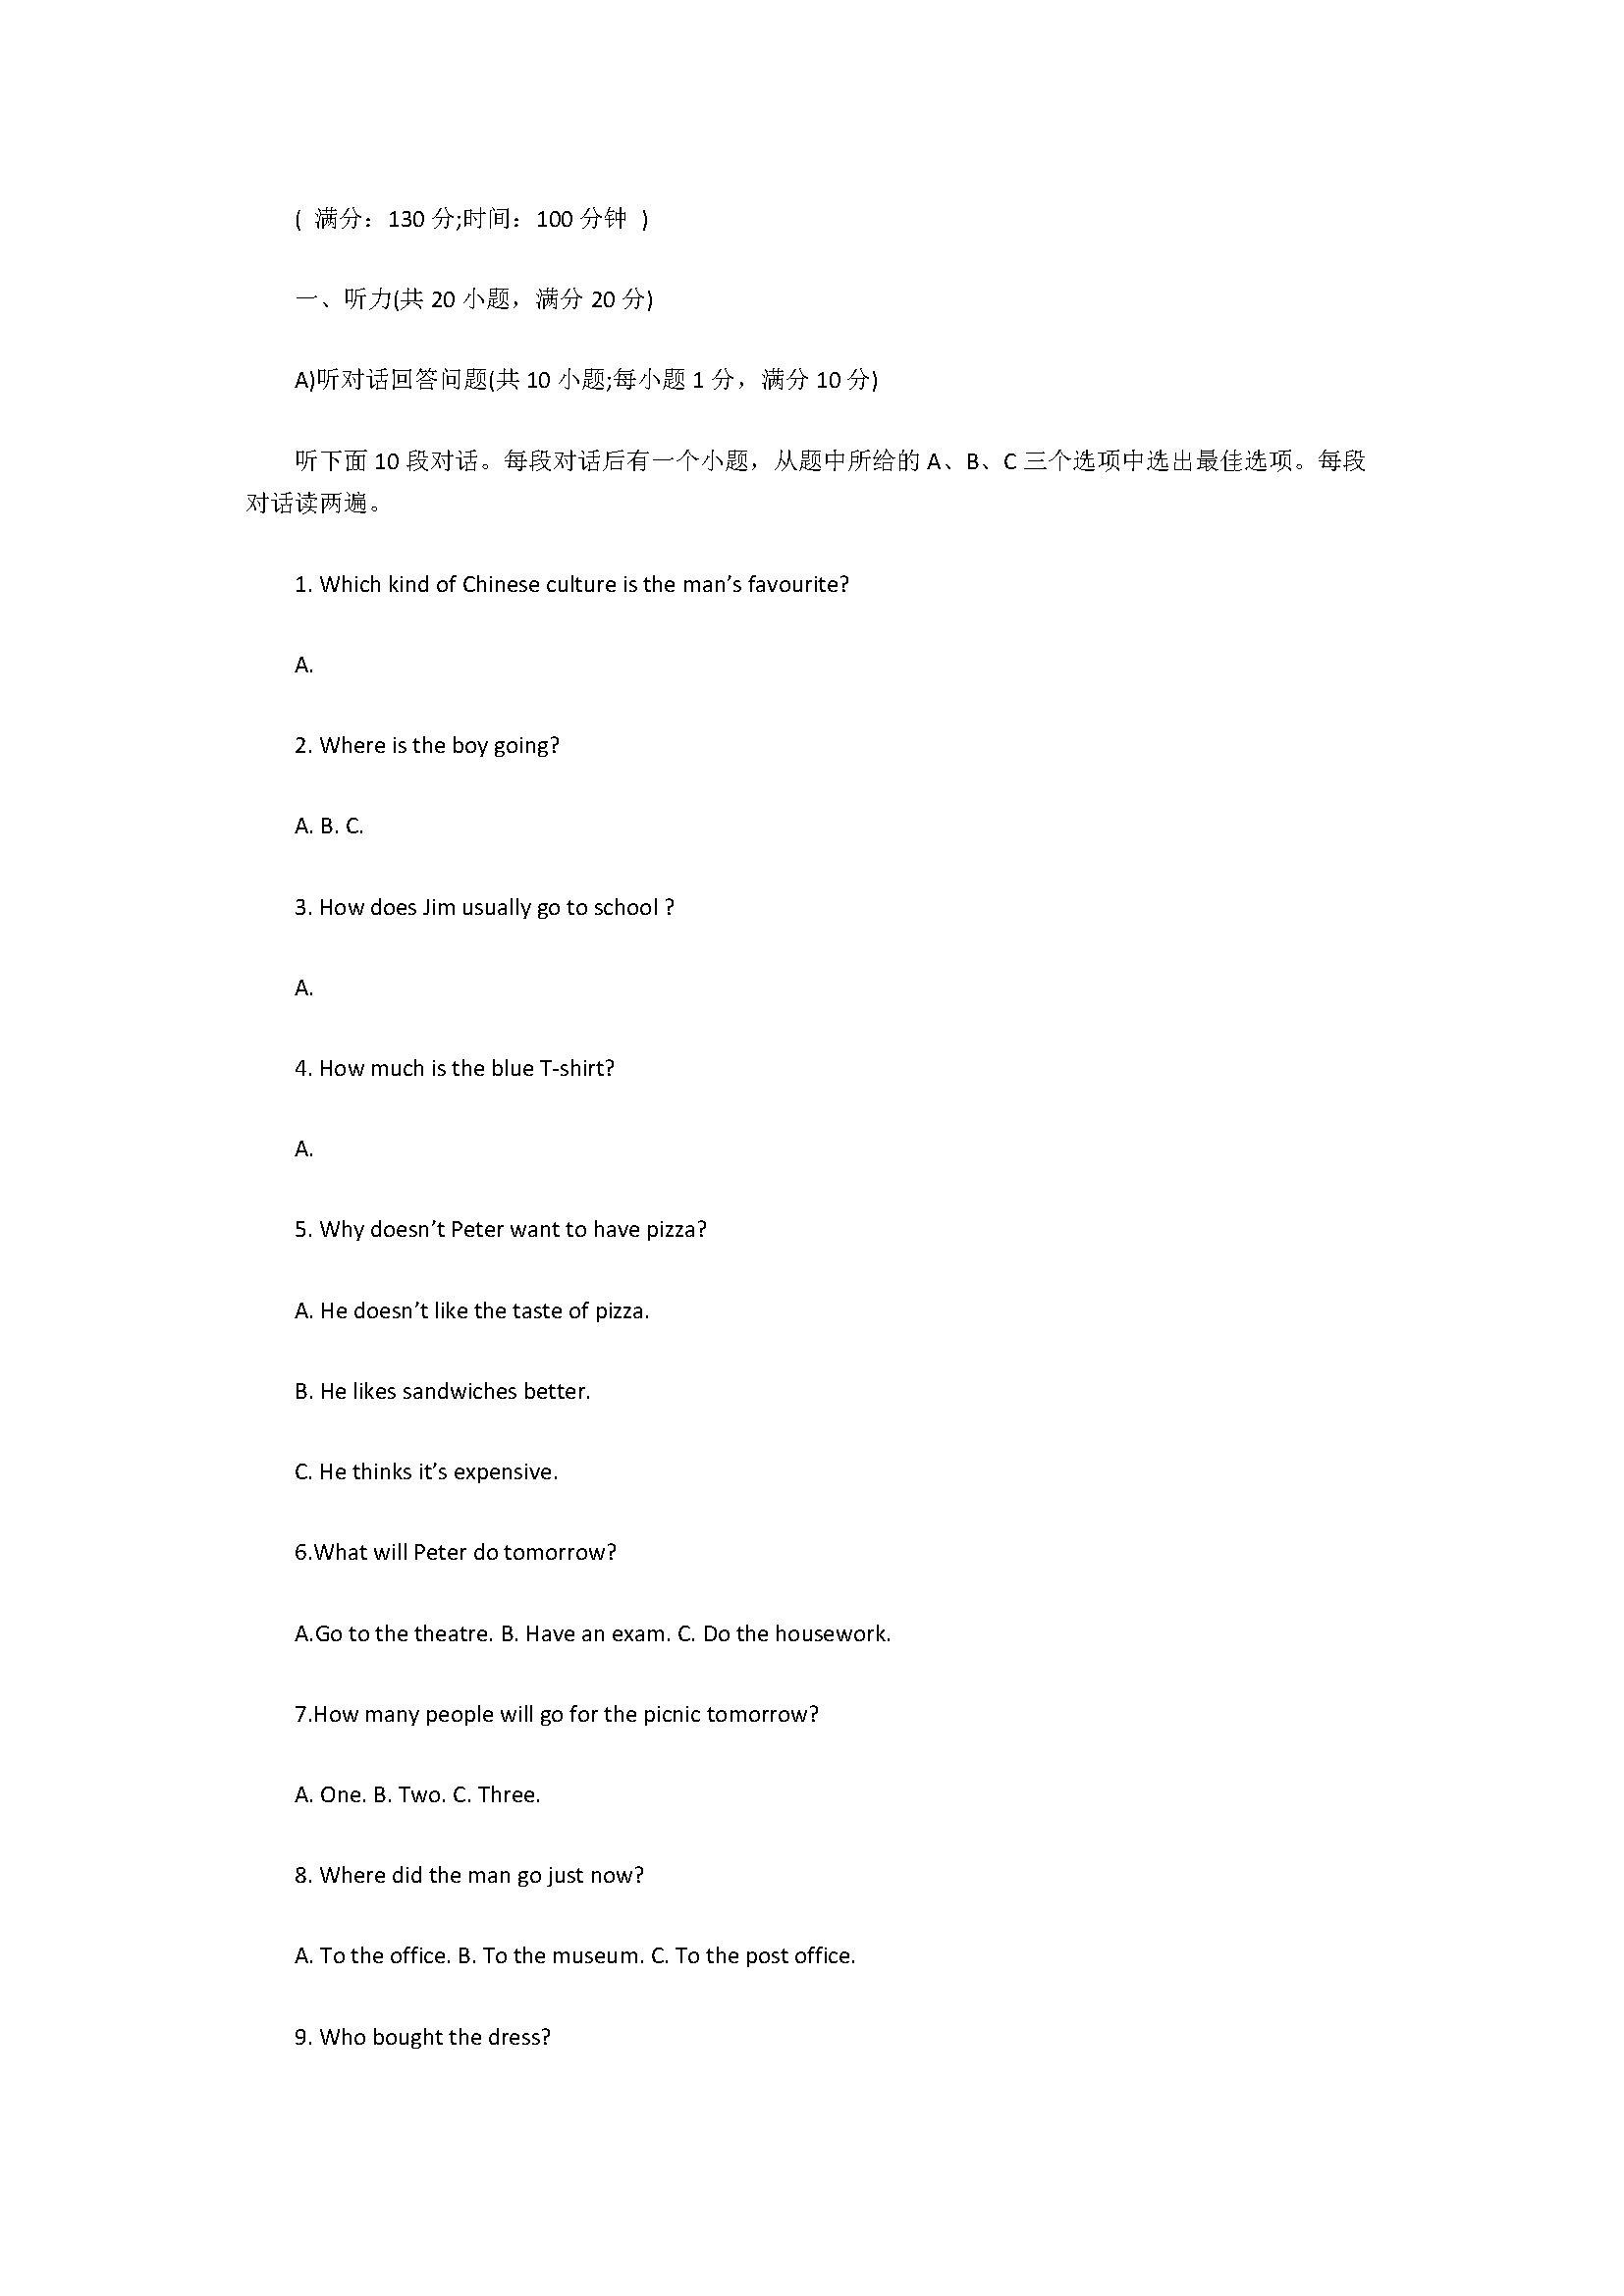 2018八年级英语下册期中试题含参考答案(江苏省常熟市)